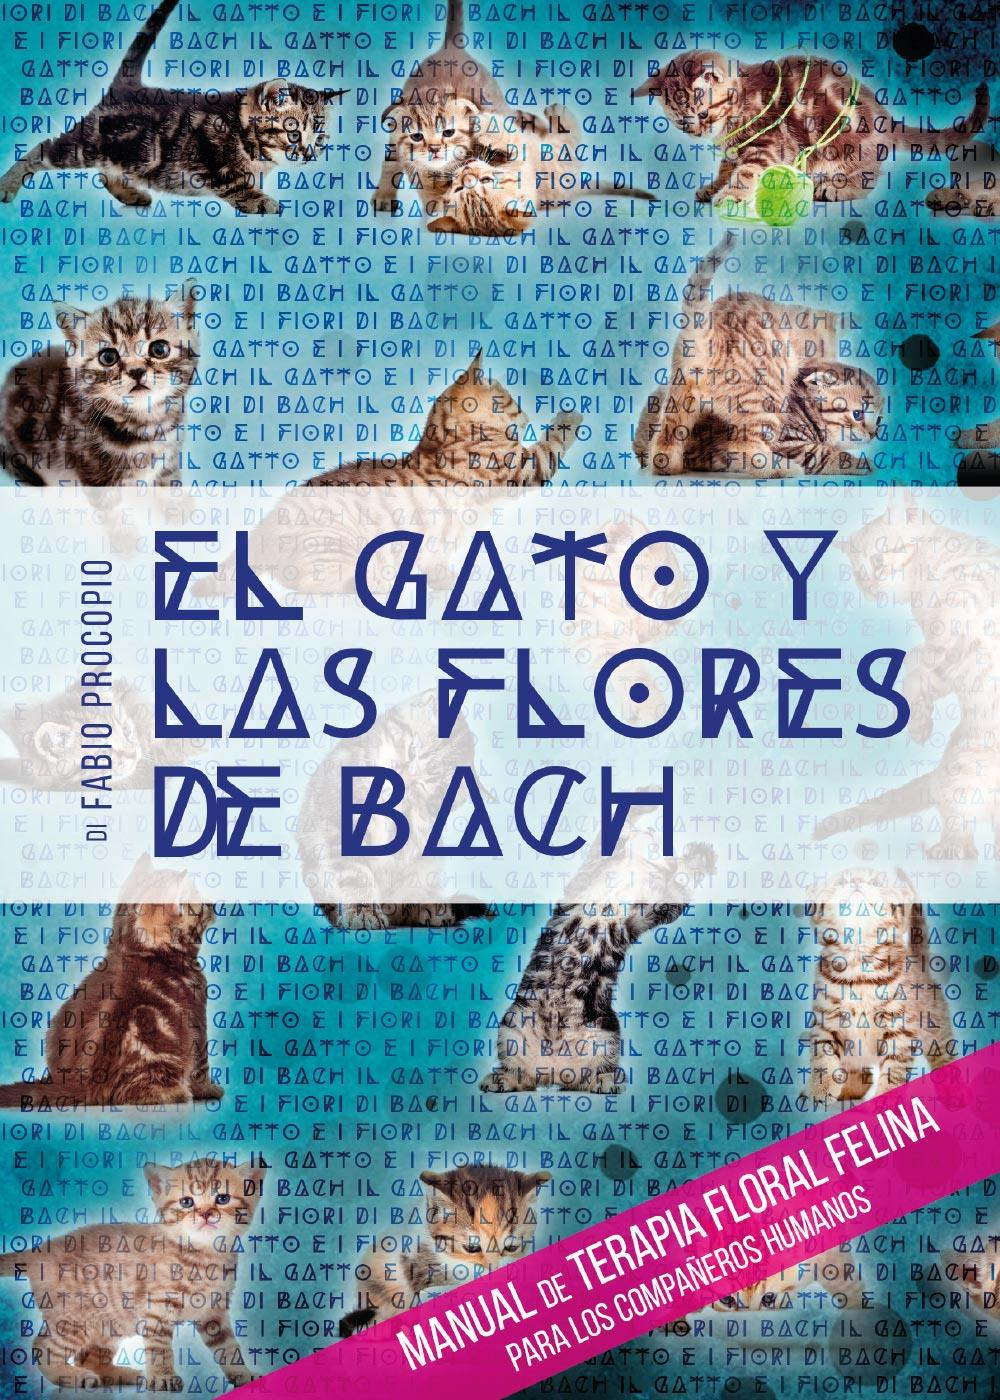 El gato y las flores de bach - Manual de terapia floral felina para los compañeros humanos